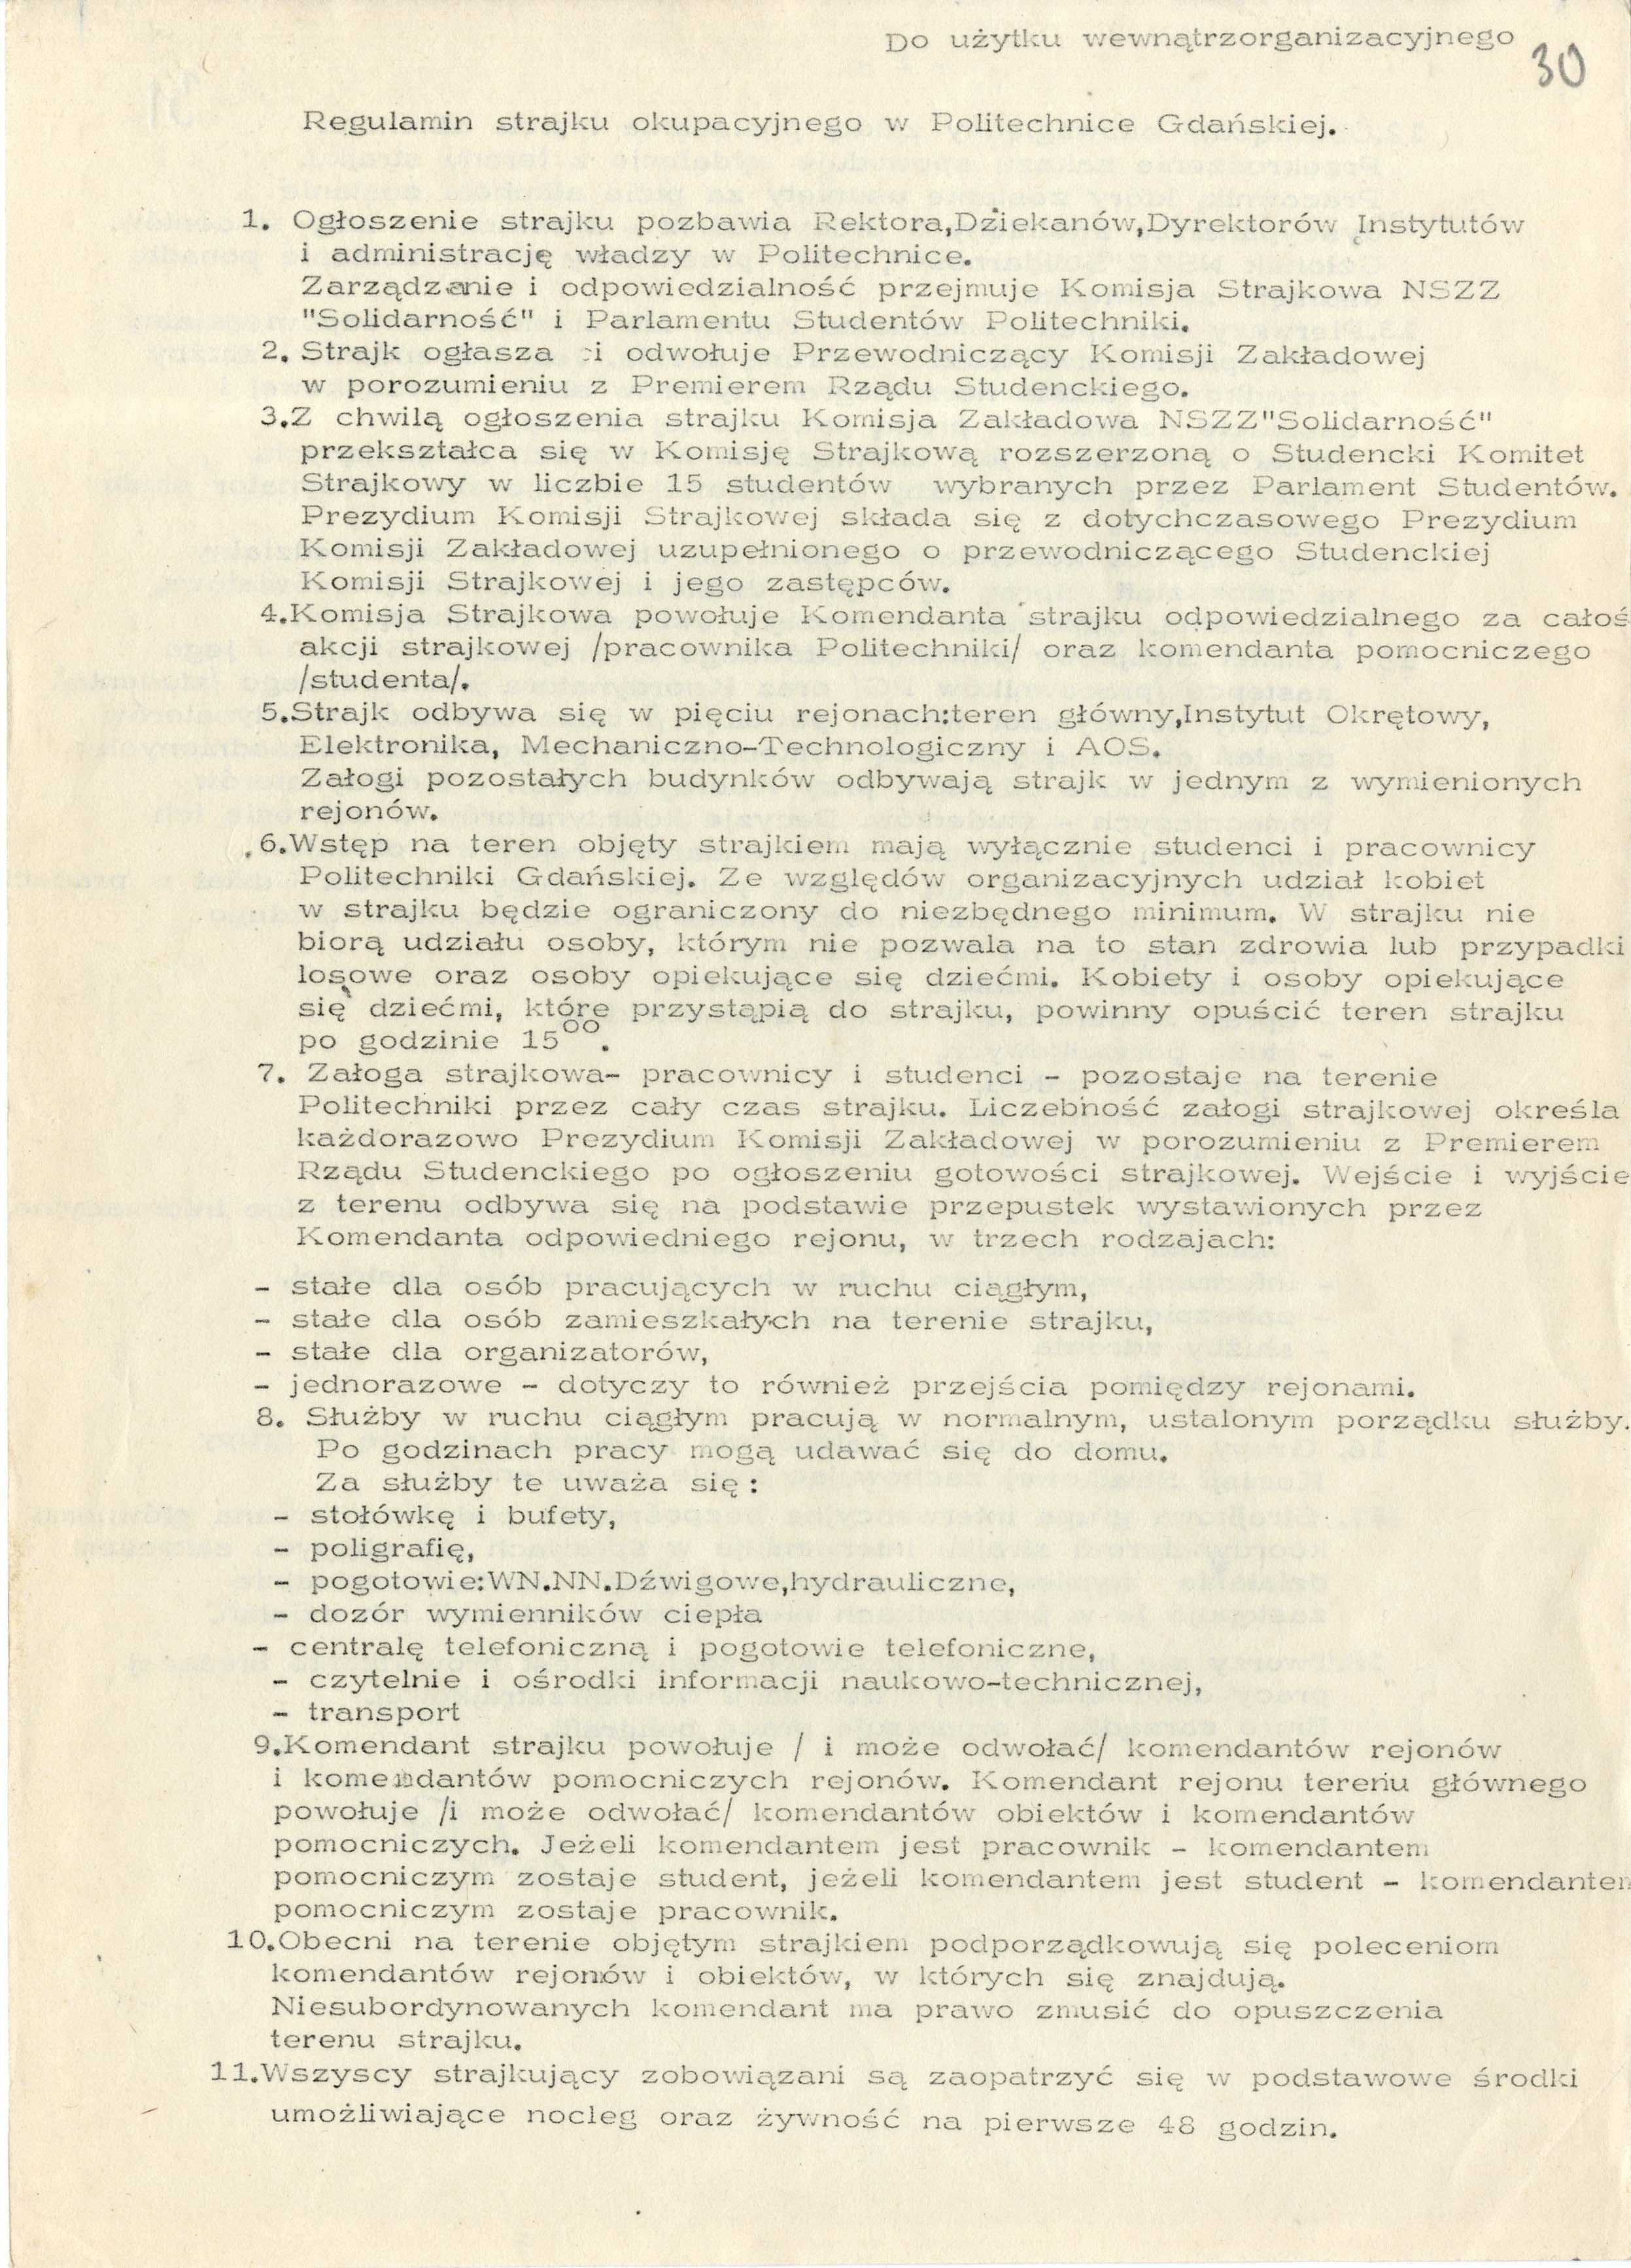 AKKS-347-48-2-030